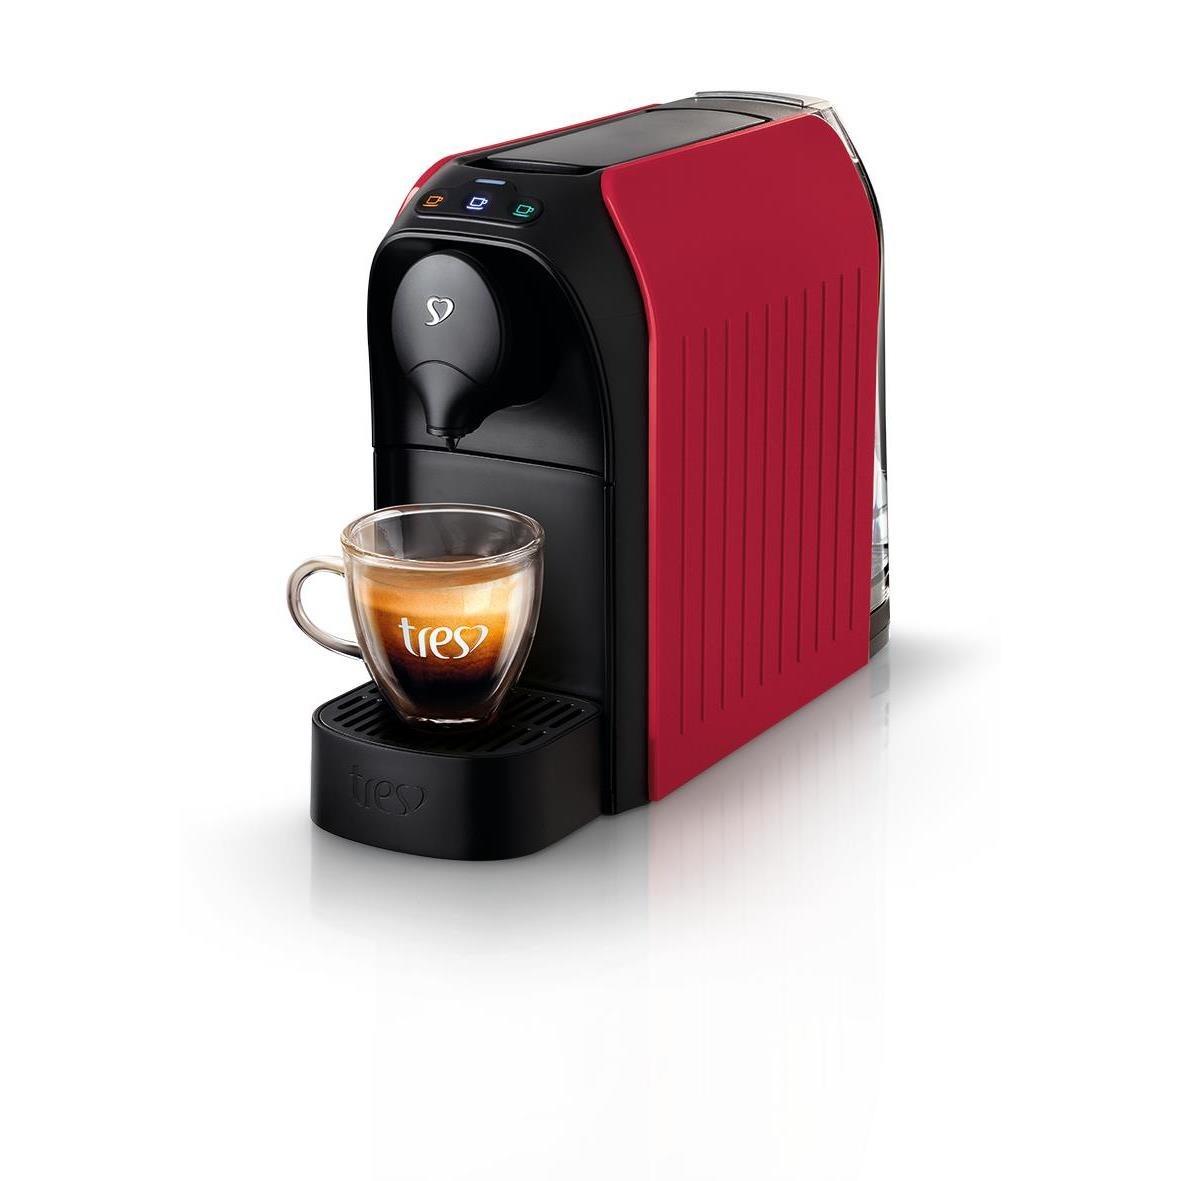 Cafeteira Eletrica Espresso Tres Passione Vermelha - 220V